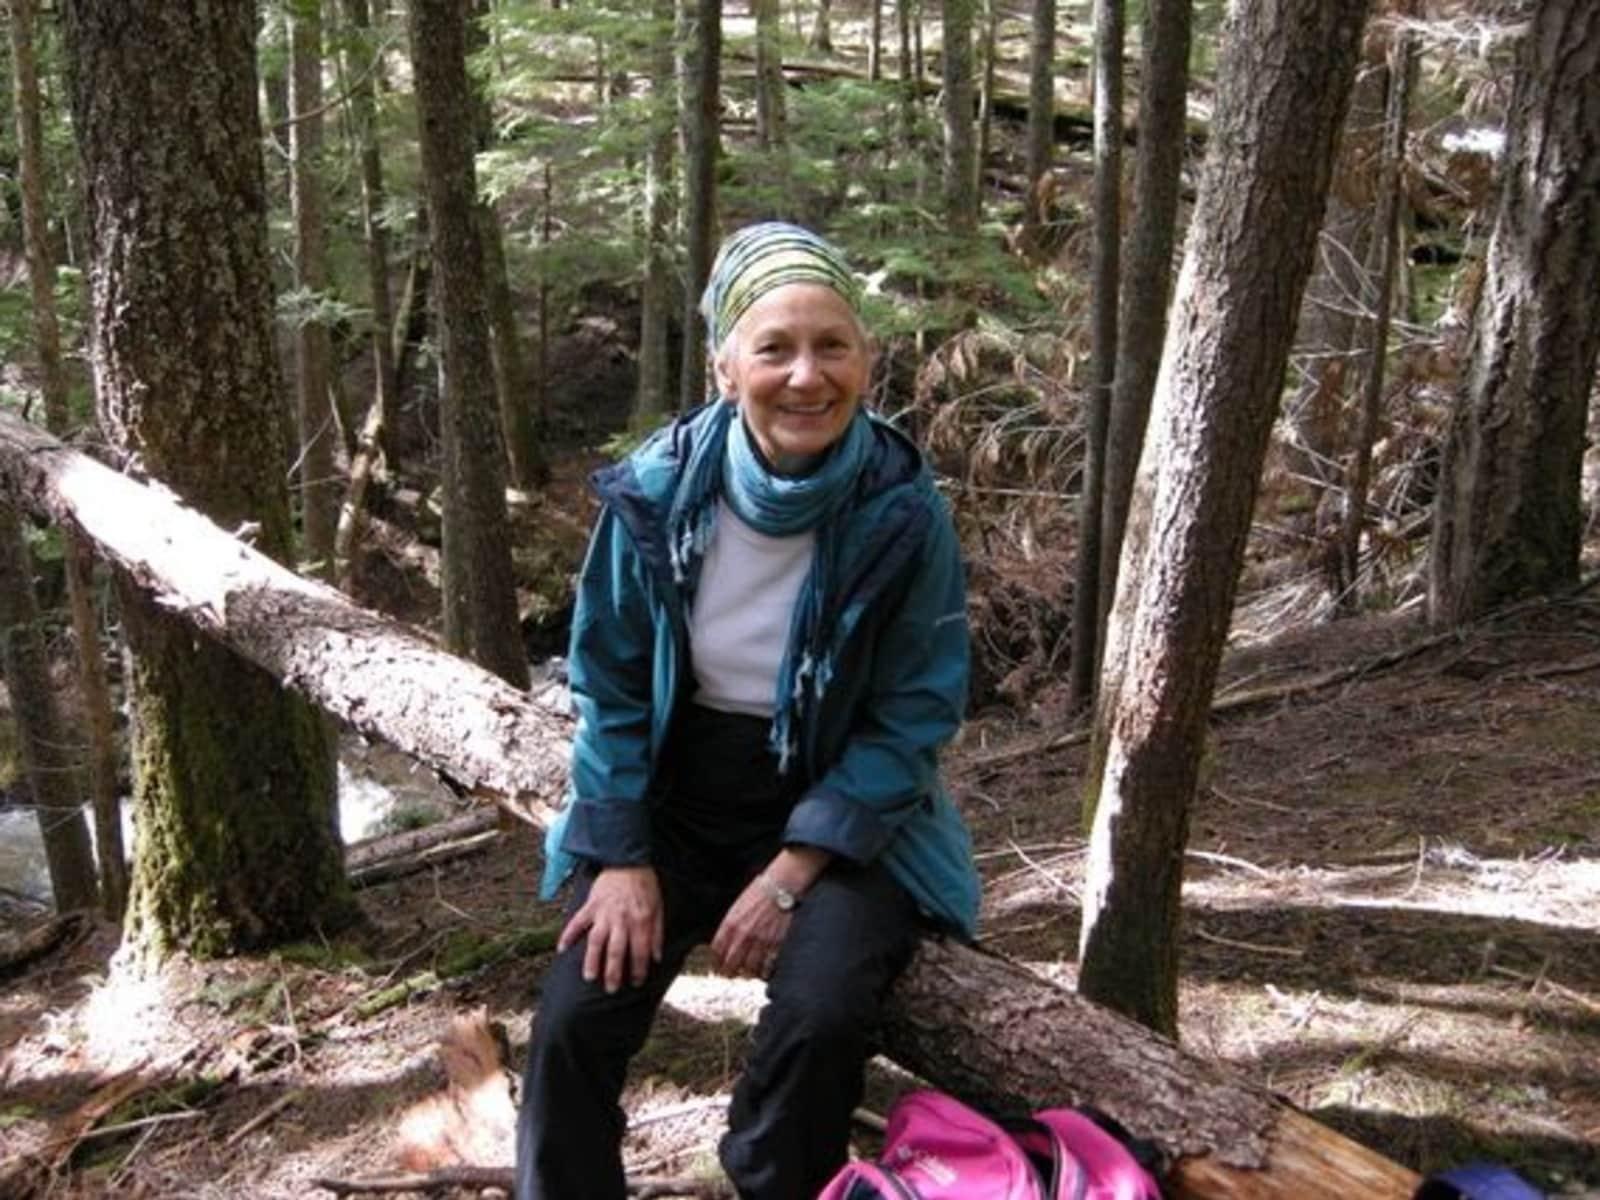 Barbara from LaSalle, Ontario, Canada